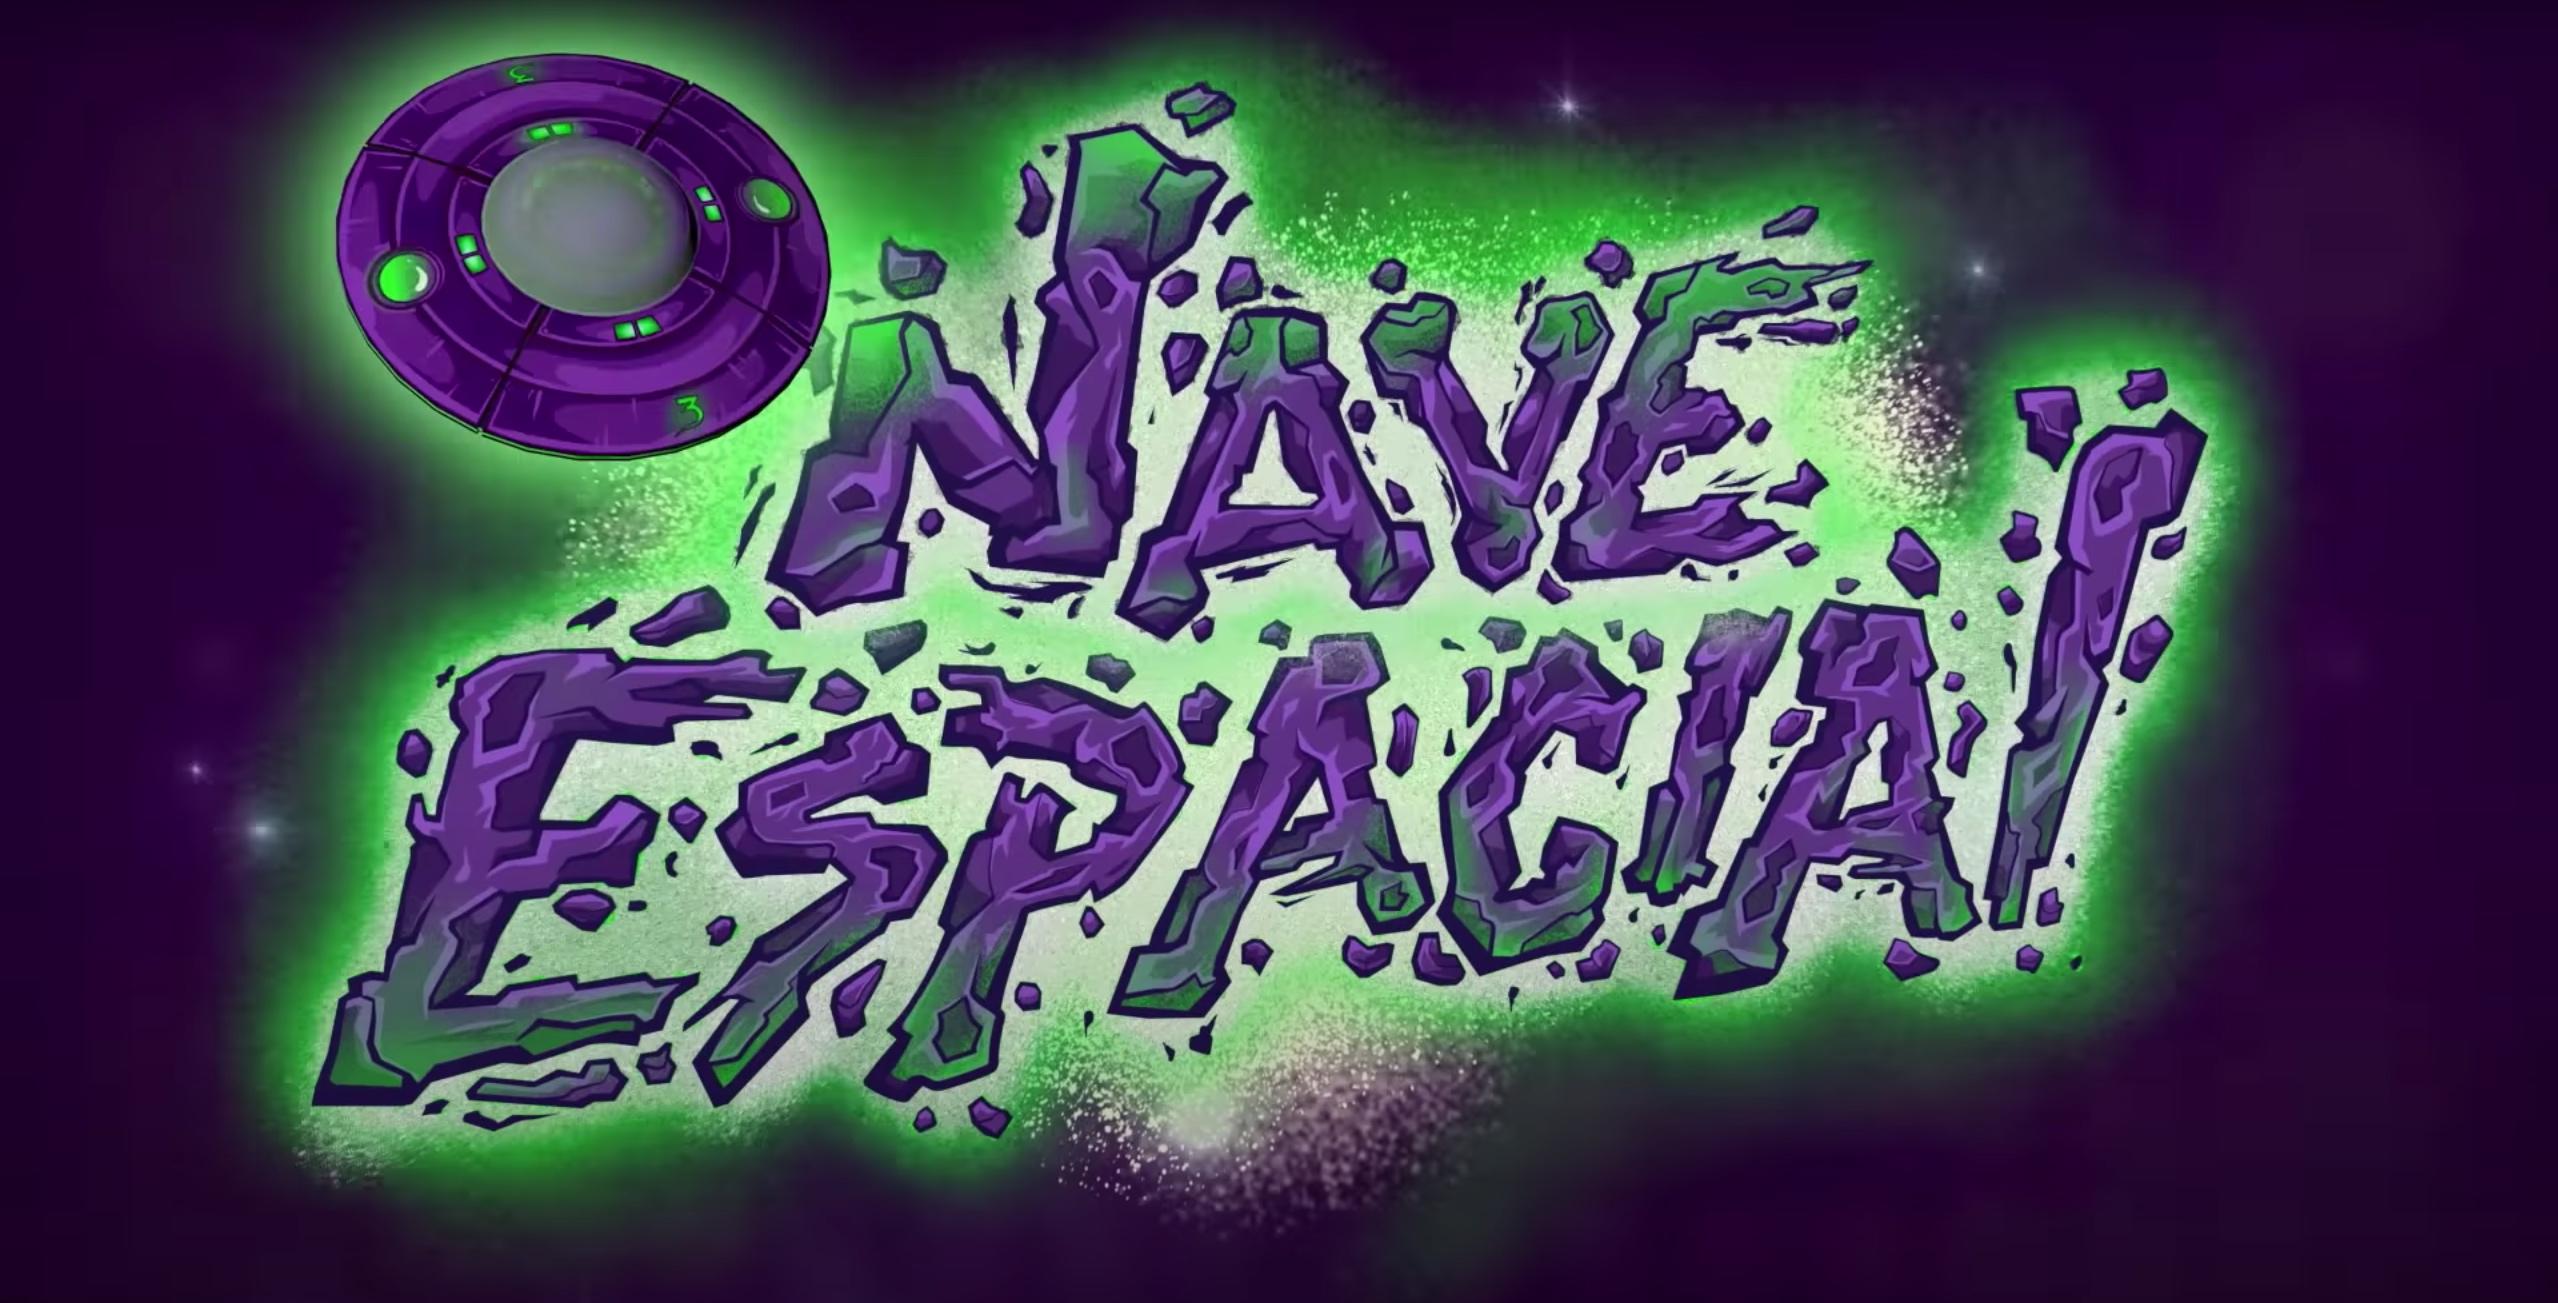 Tr3s de Corazón - Nave Espacial sencillo del album 'Cantos de amor y libertad'